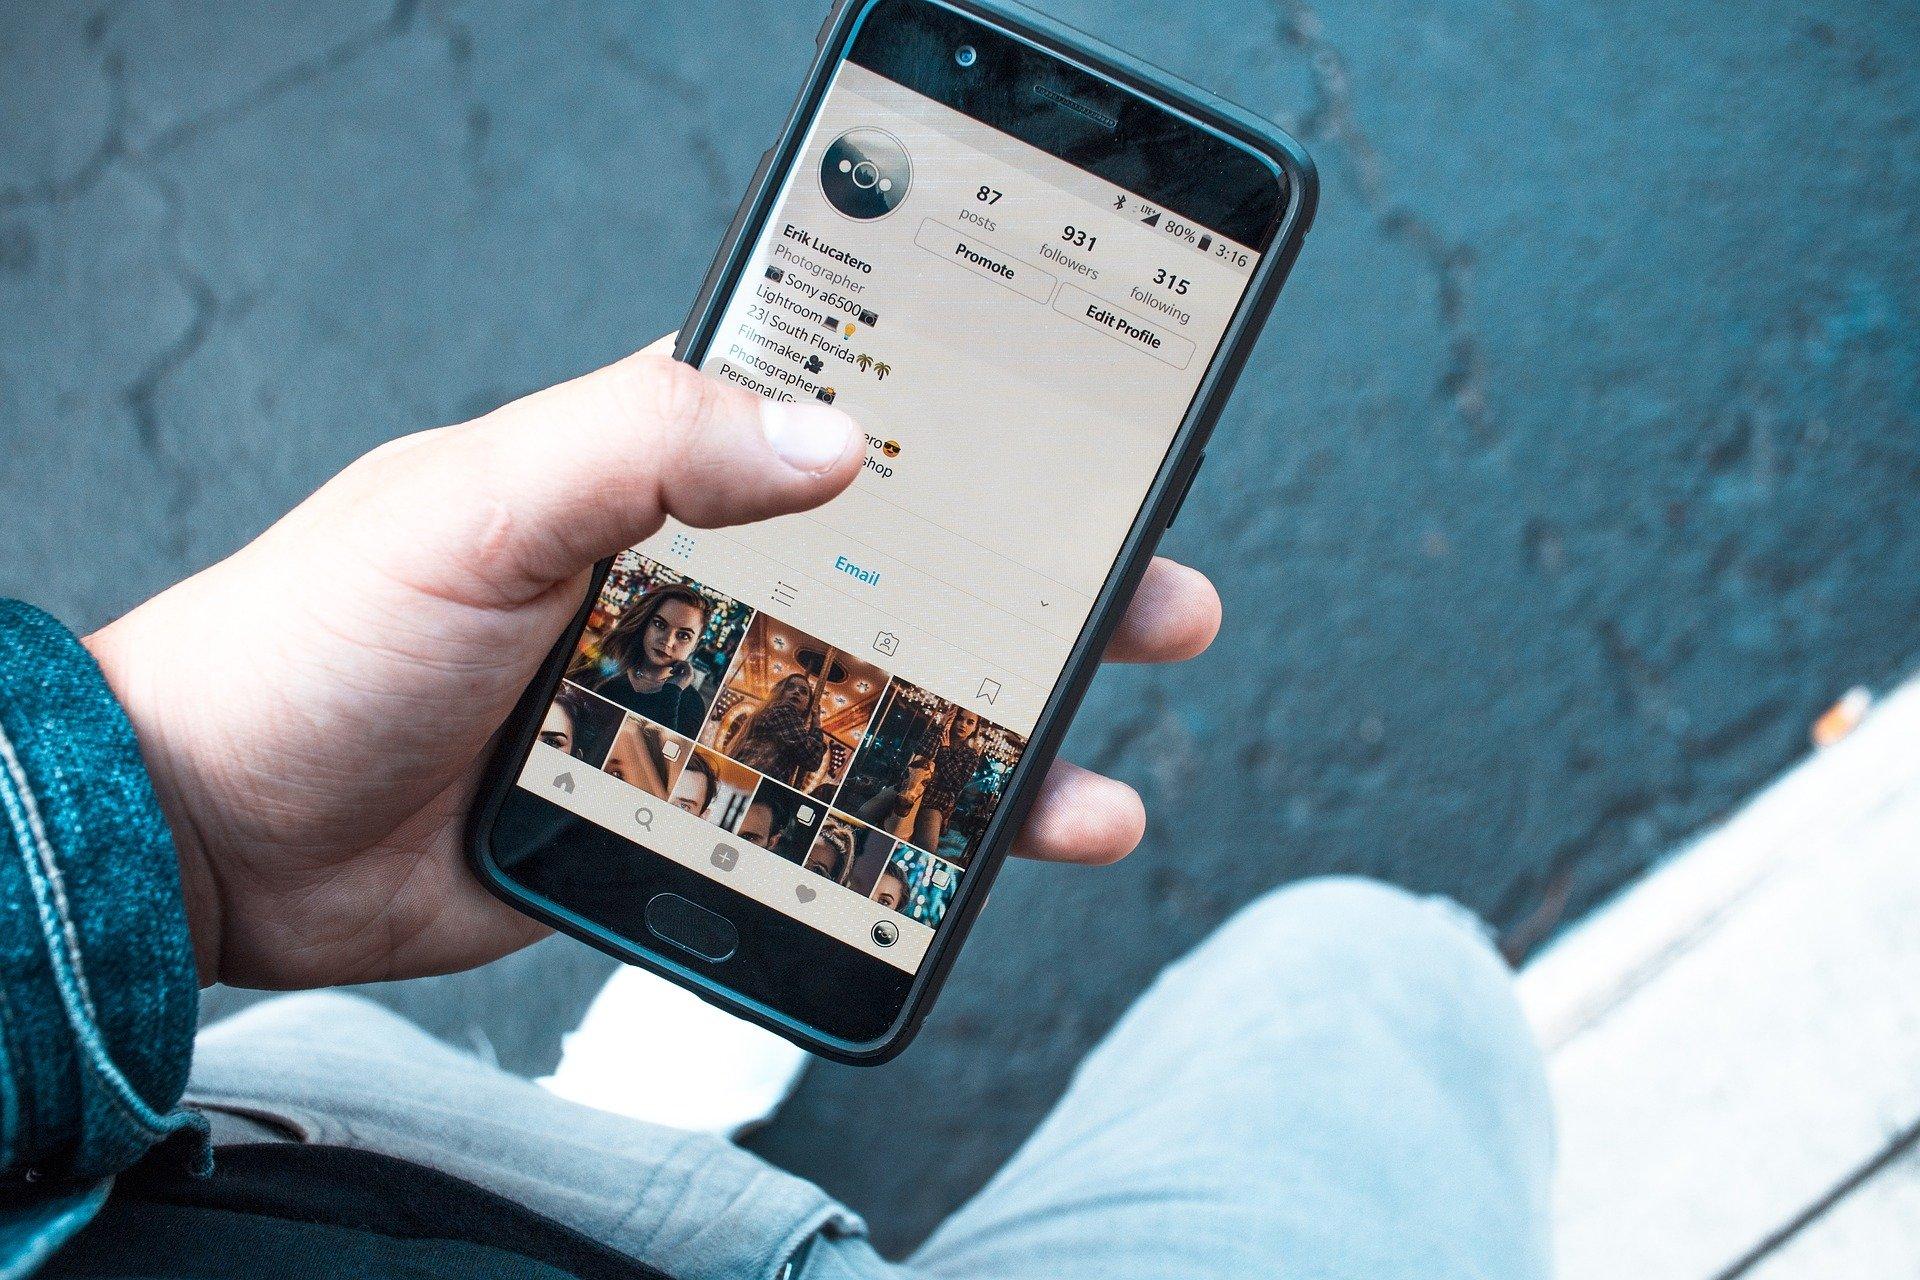 Чем нельзя хвастаться в соцсетях: Советы дал эксперт по безопасности